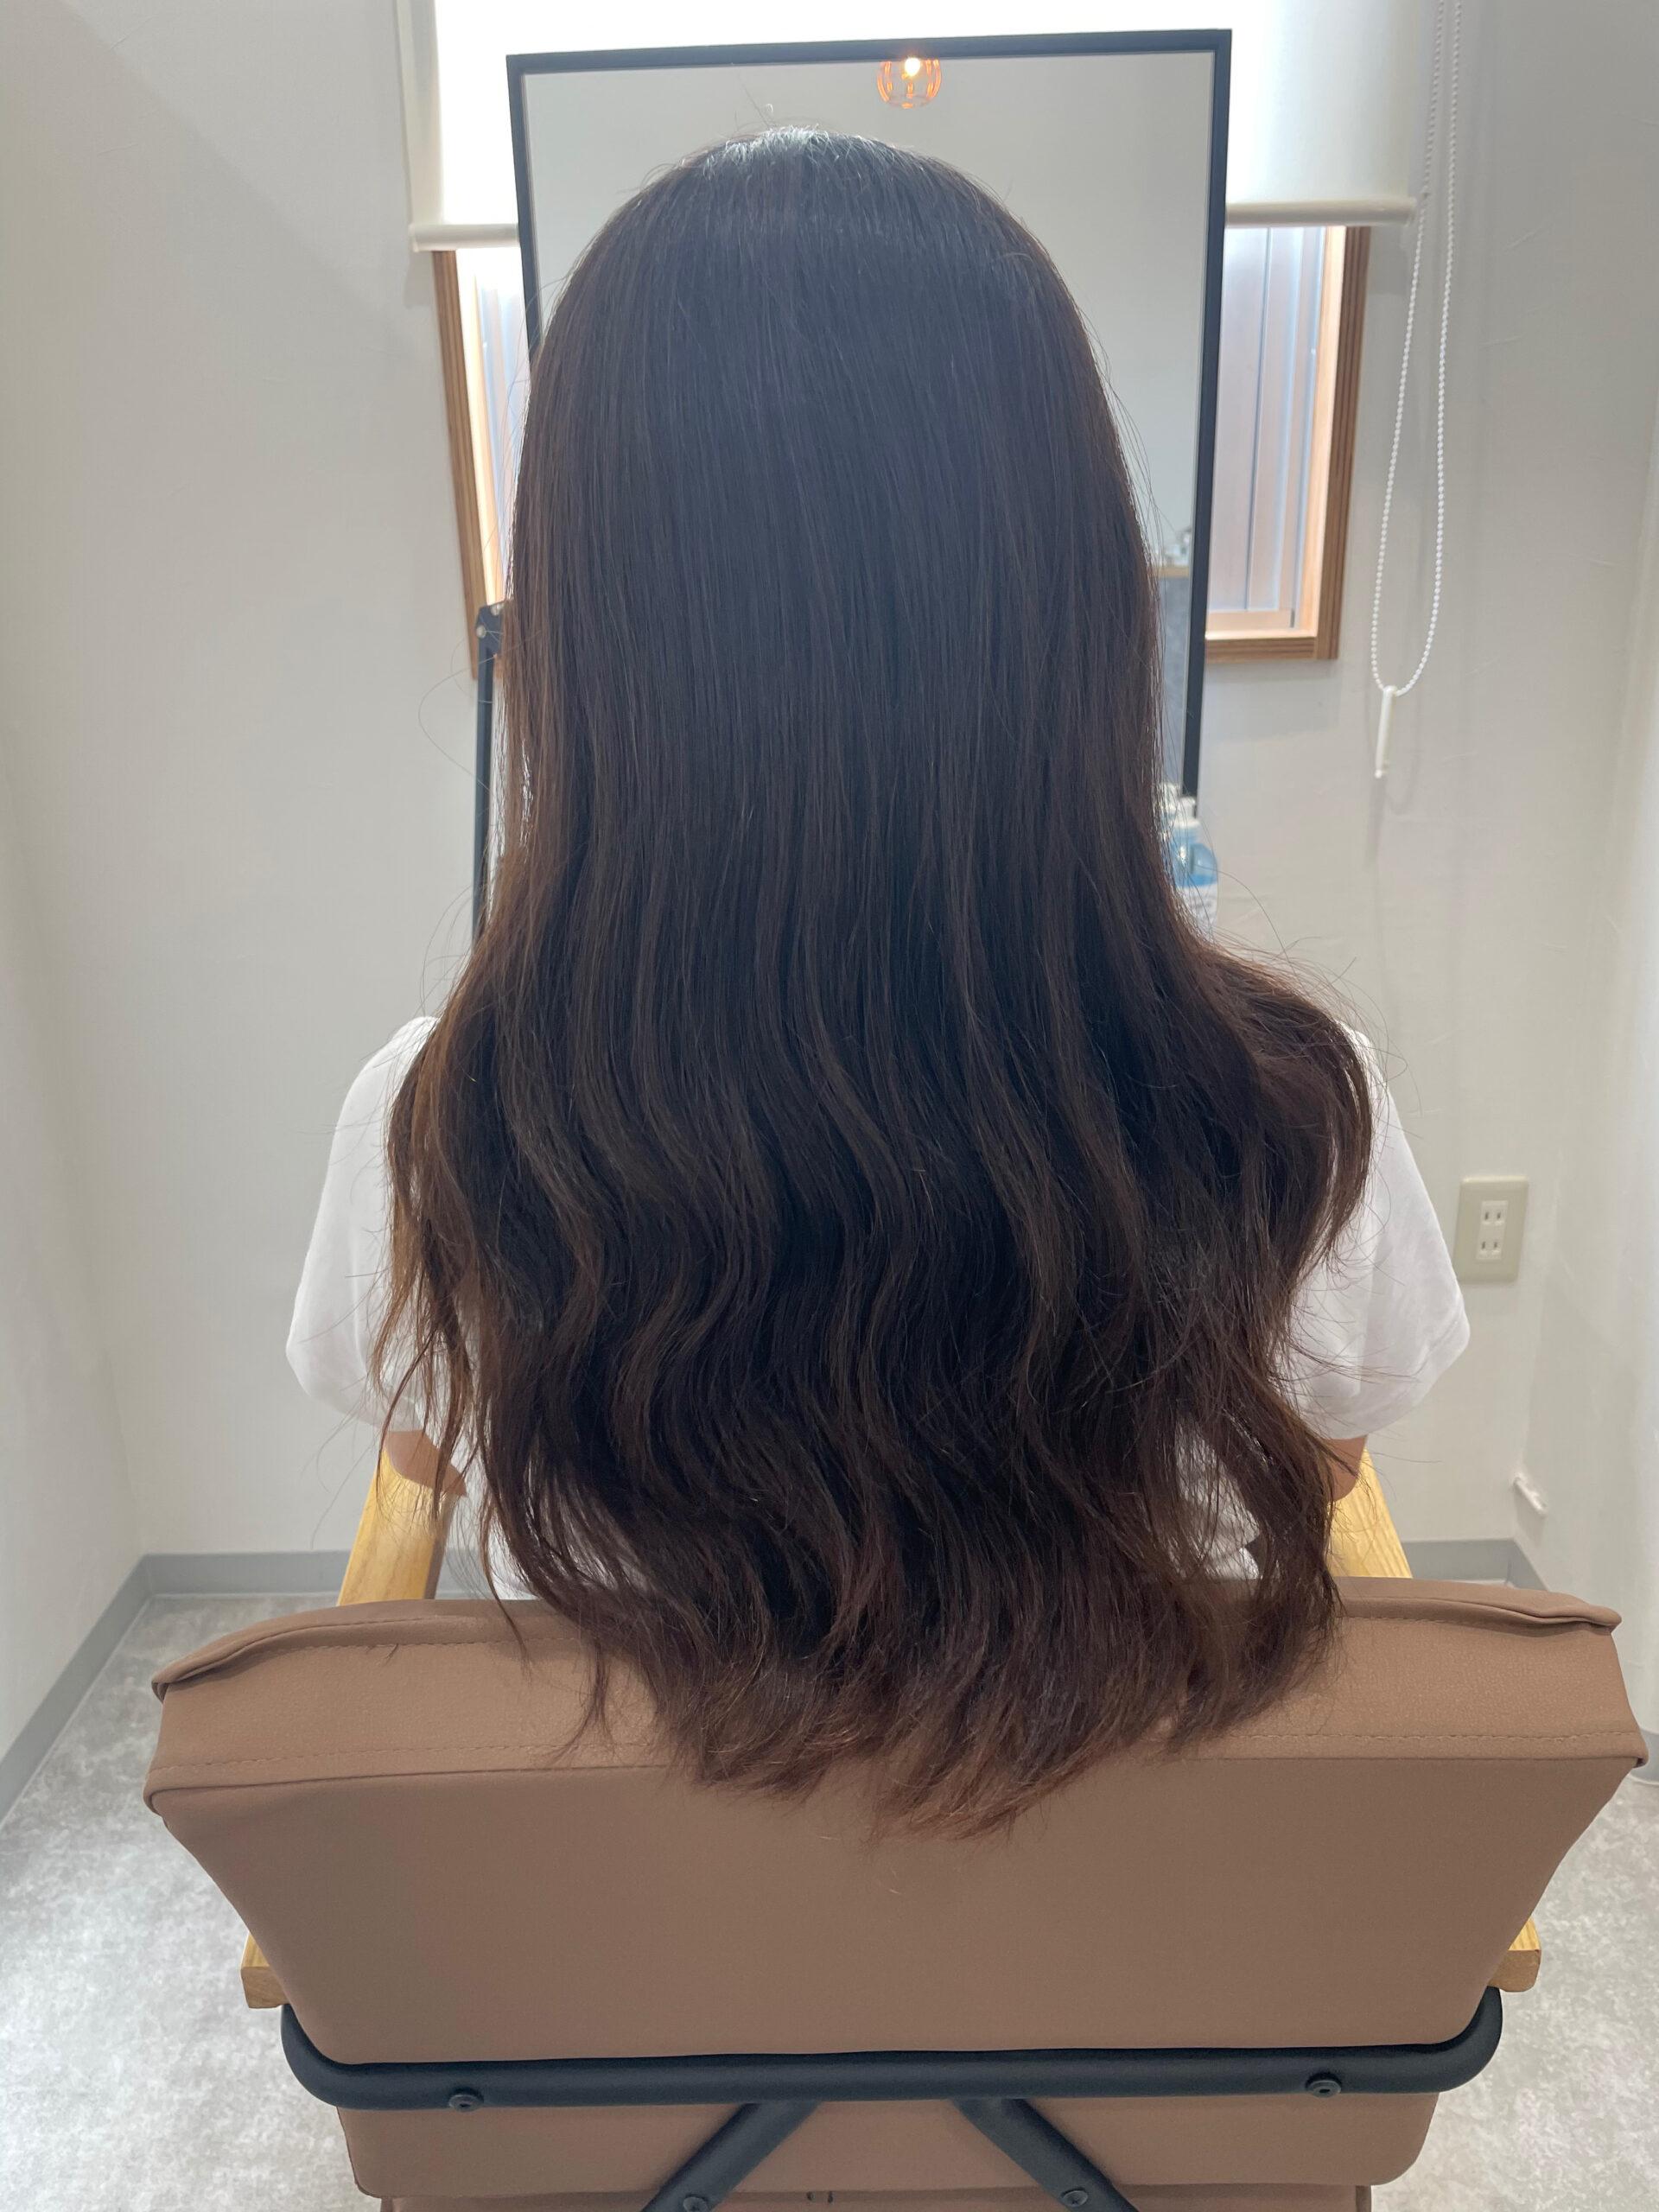 大分県別府市 髪質改善トリートメントで艶髪カラー『オリーブアッシュ』 ビフォー